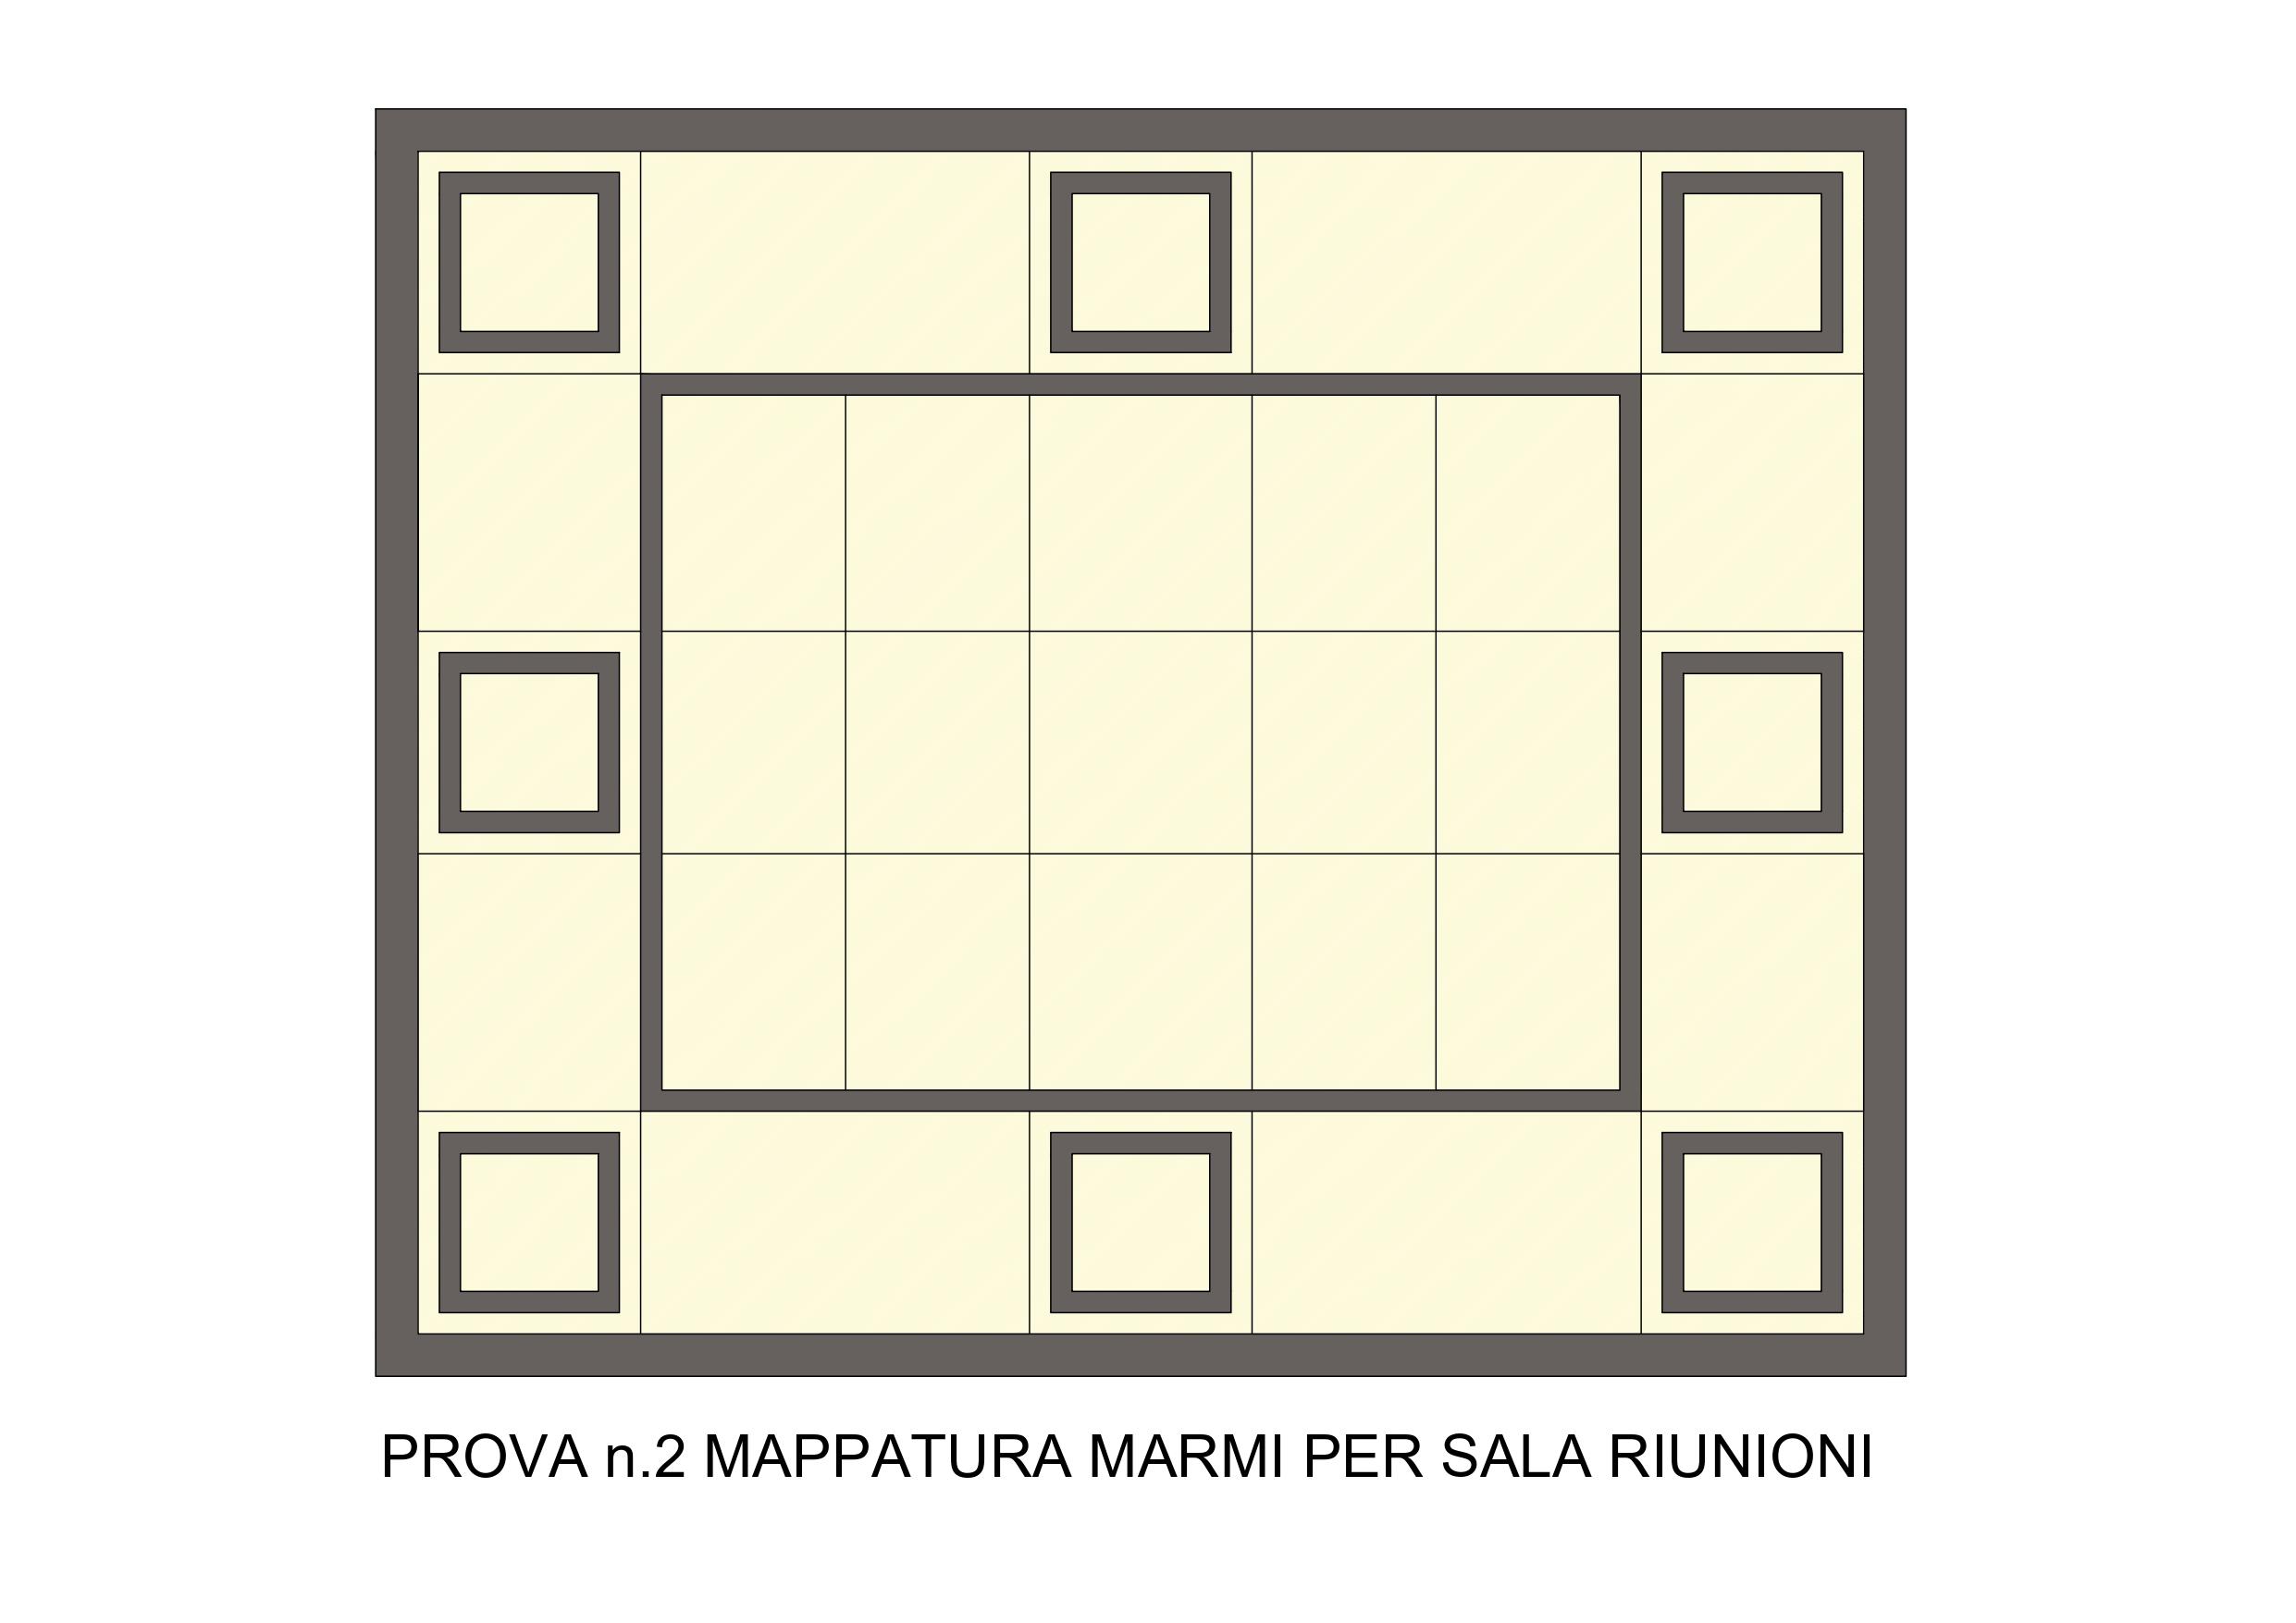 pavimentazione piano terra Proposta Evola marmi page 0002